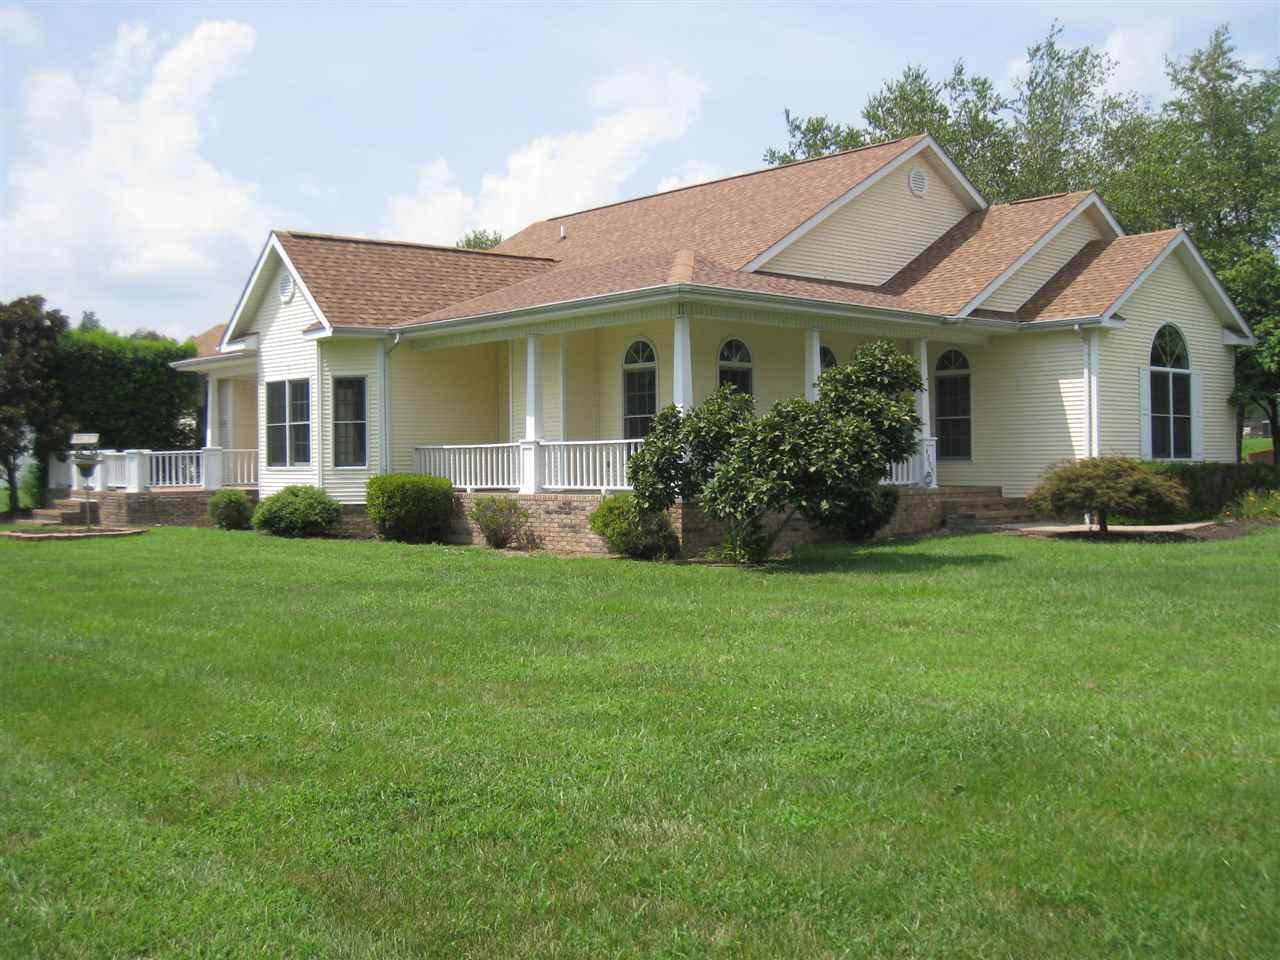 Real Estate for Sale, ListingId: 34644969, Kevil,KY42053